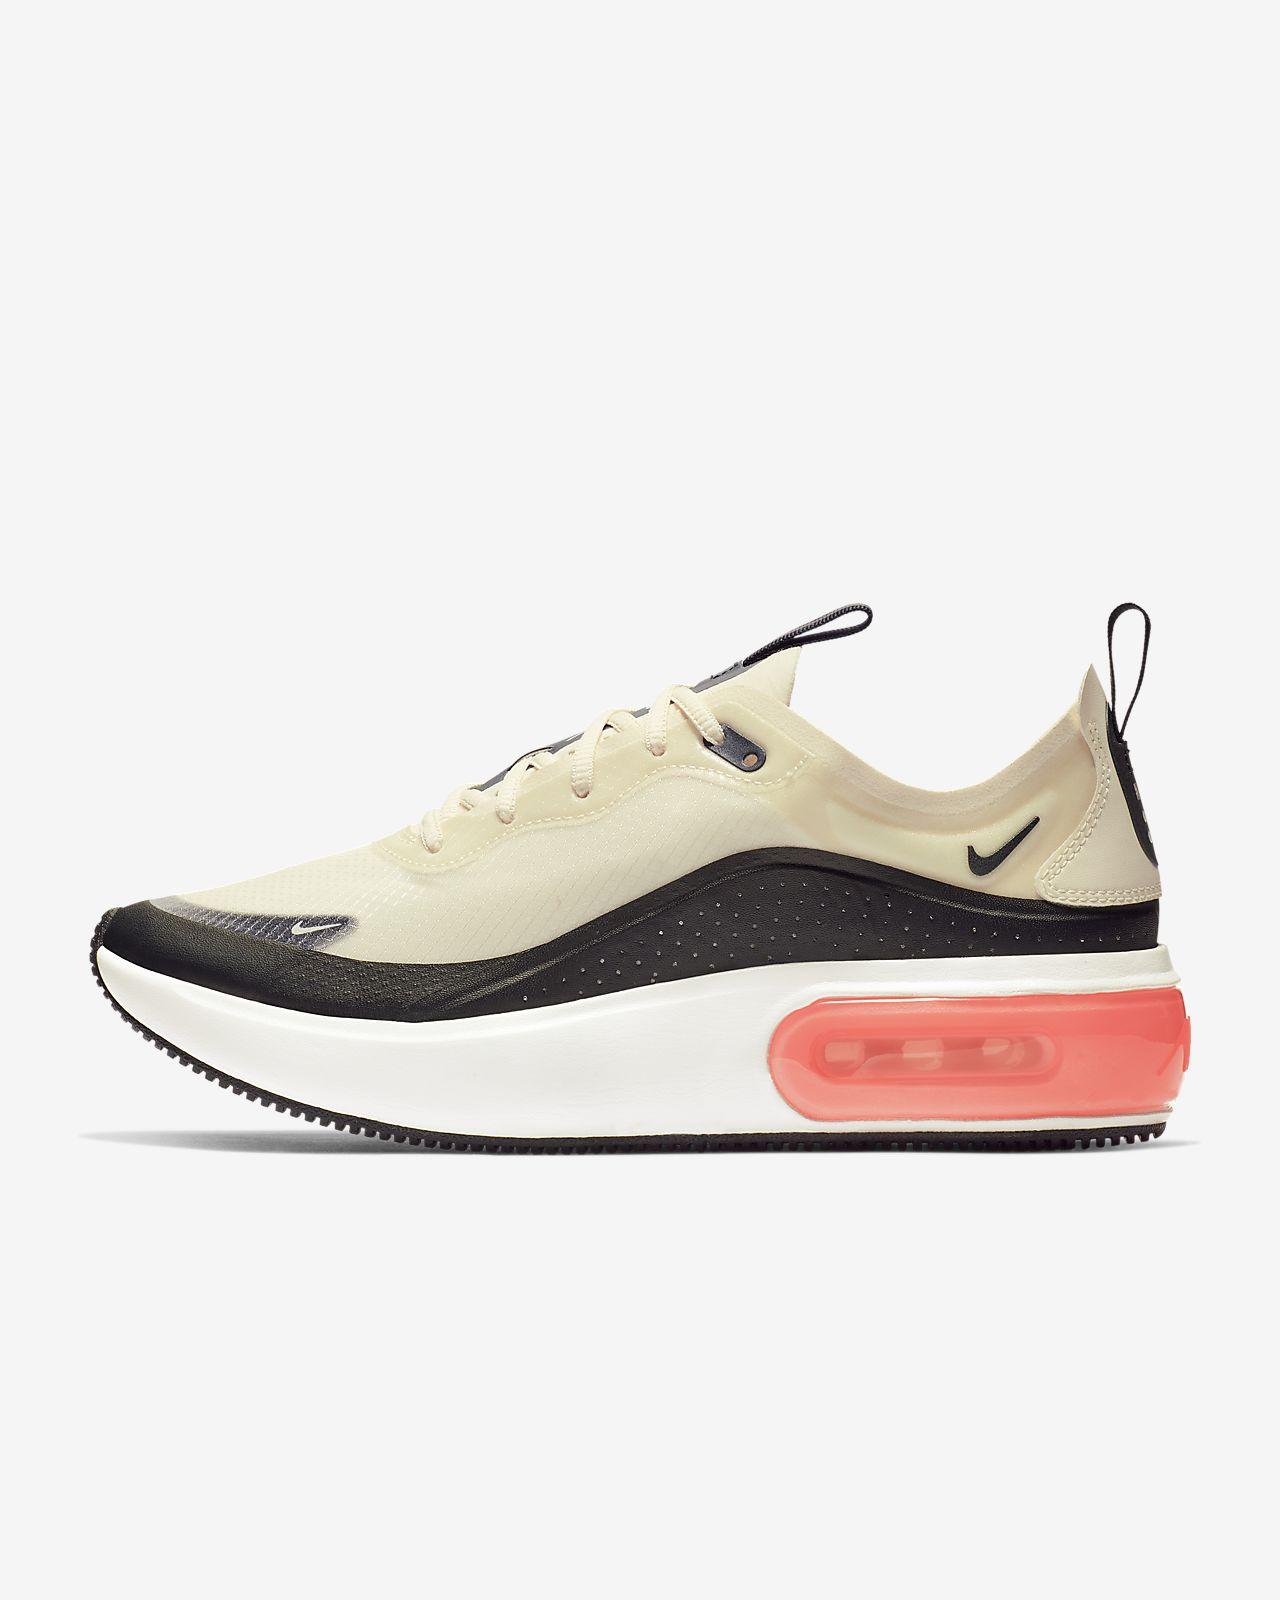 Nike Air Max Dia LX Damenschuh